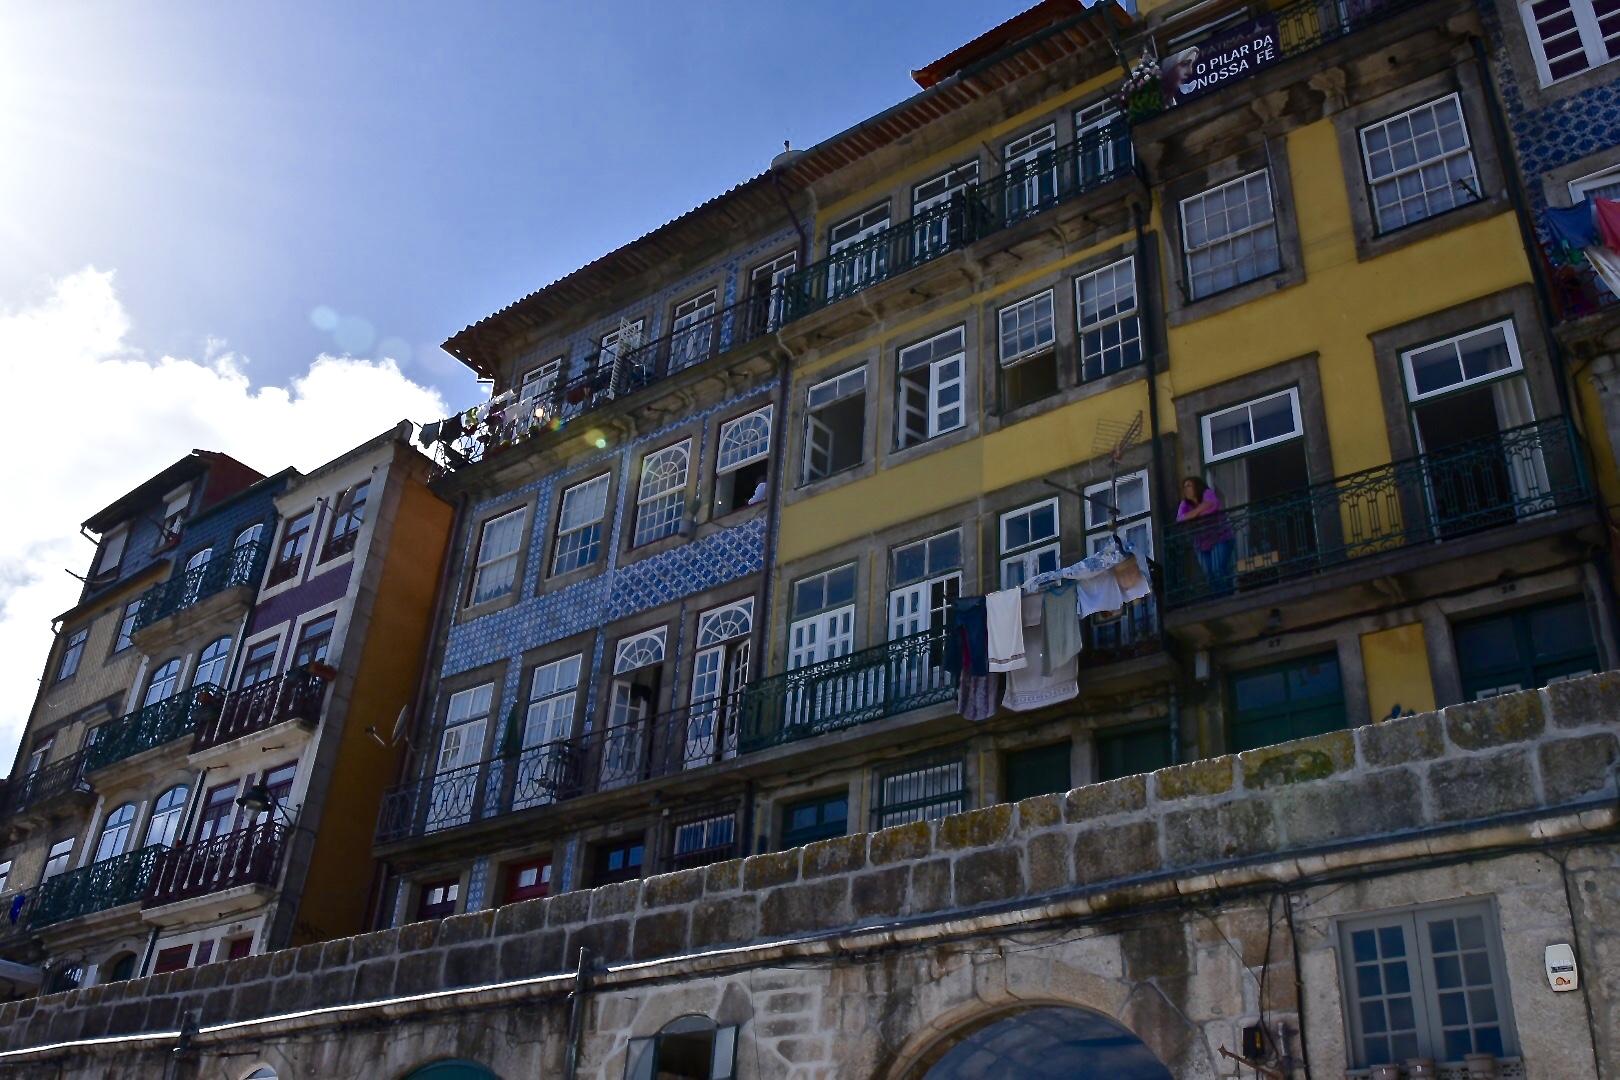 Aviero, Porto, Braga - June 2017